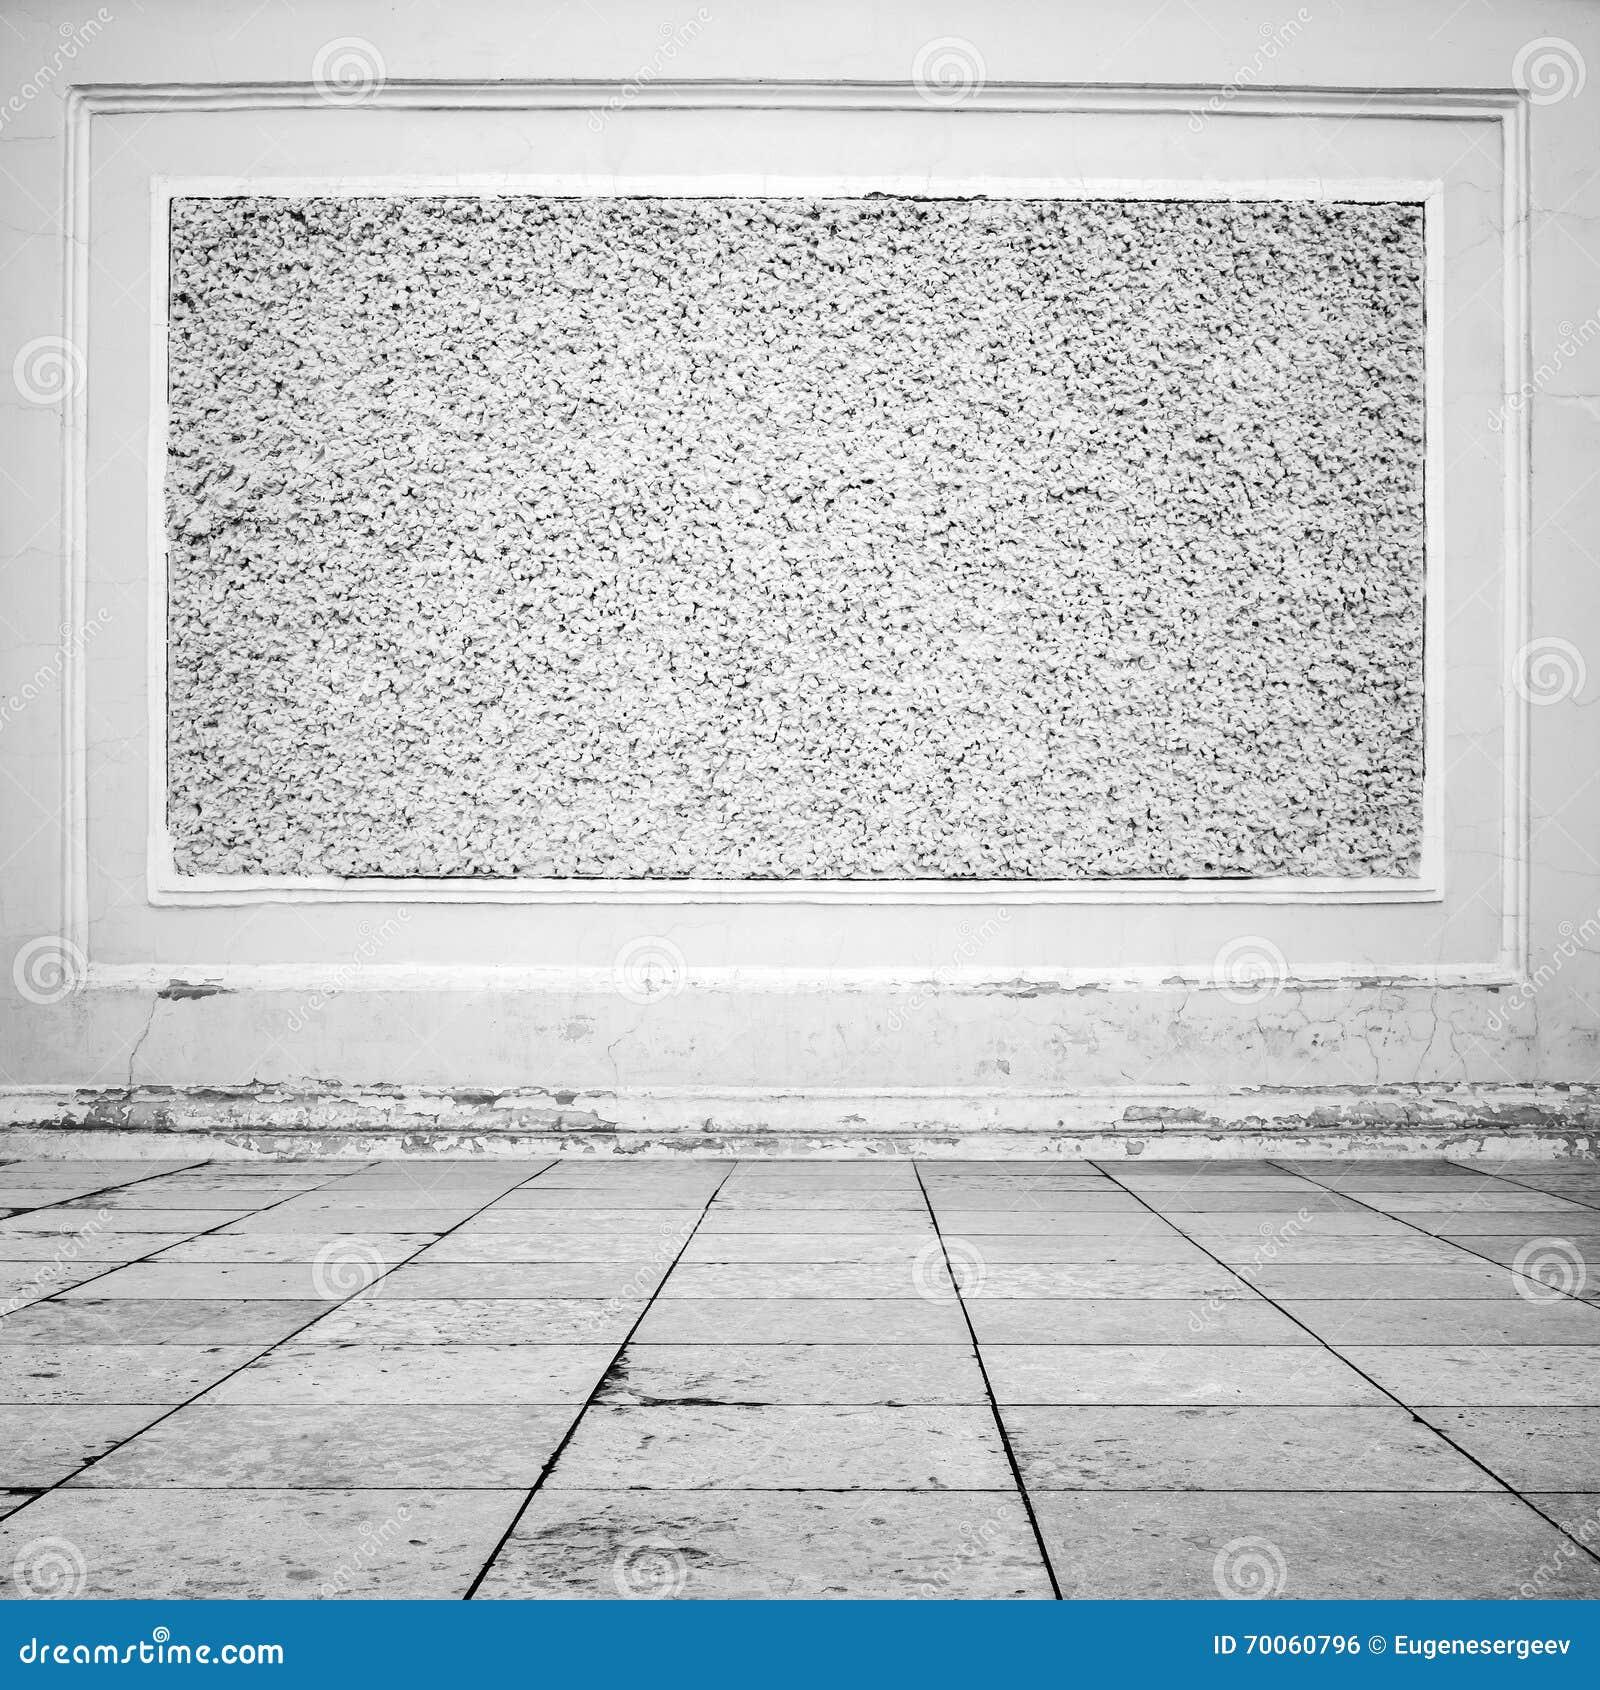 https://thumbs.dreamstime.com/z/fond-int%C3%A9rieur-plancher-en-pierre-et-mur-d%C3%A9coratif-70060796.jpg